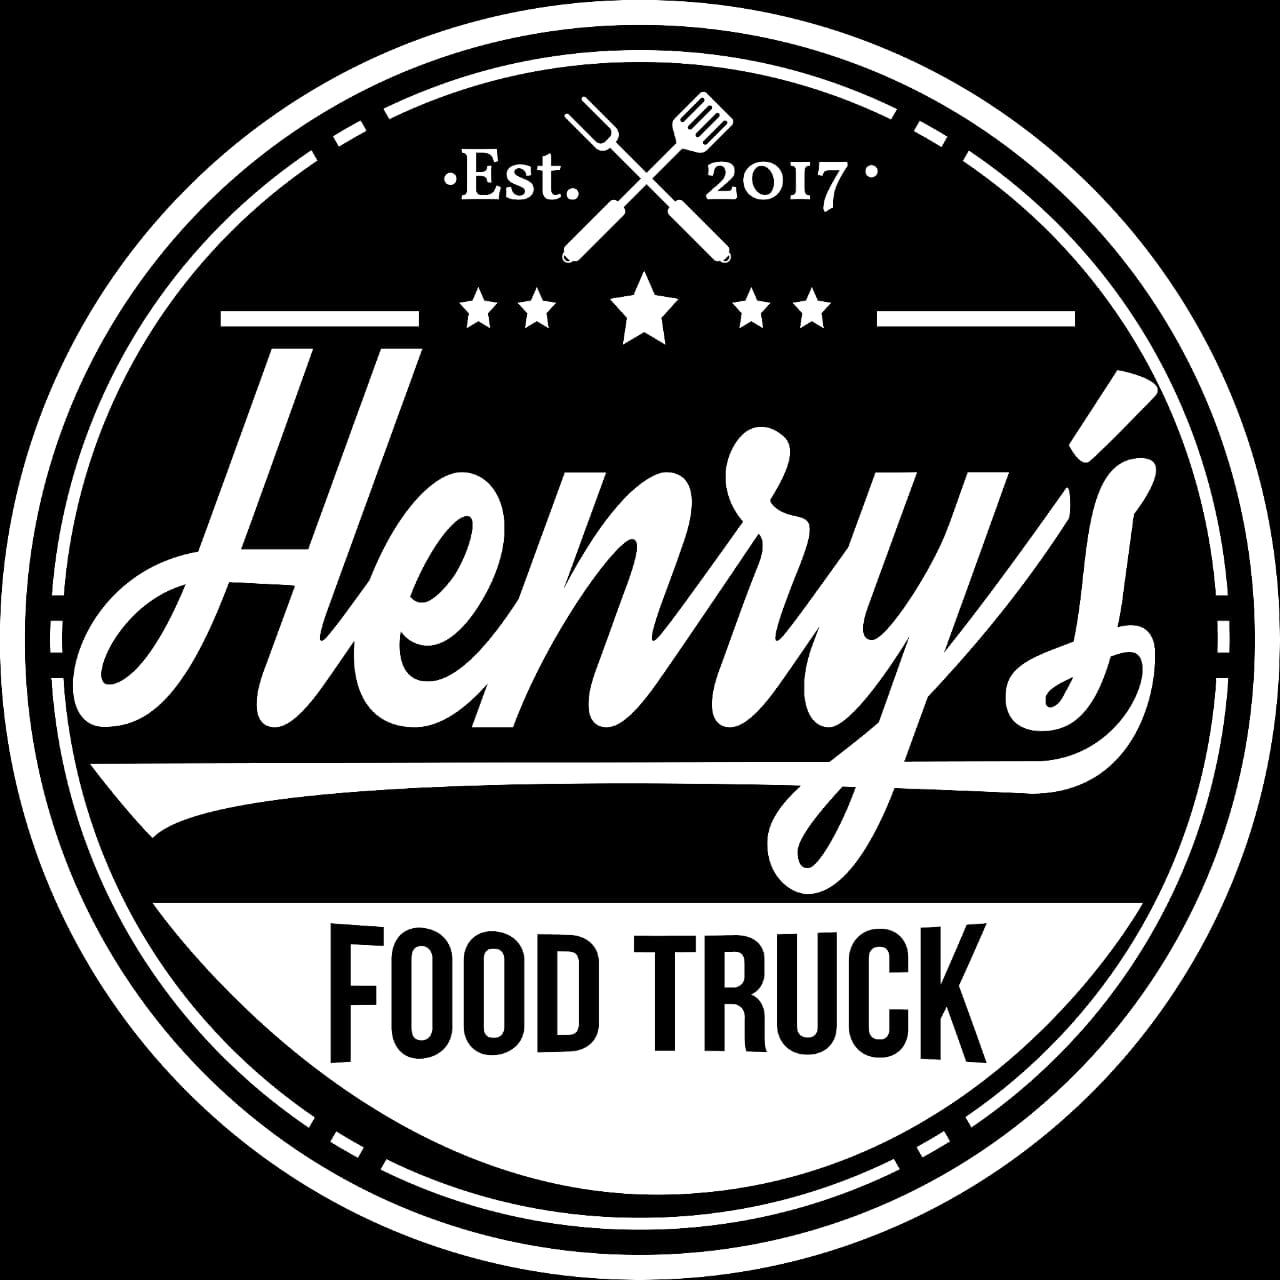 Henry's Foodtruck